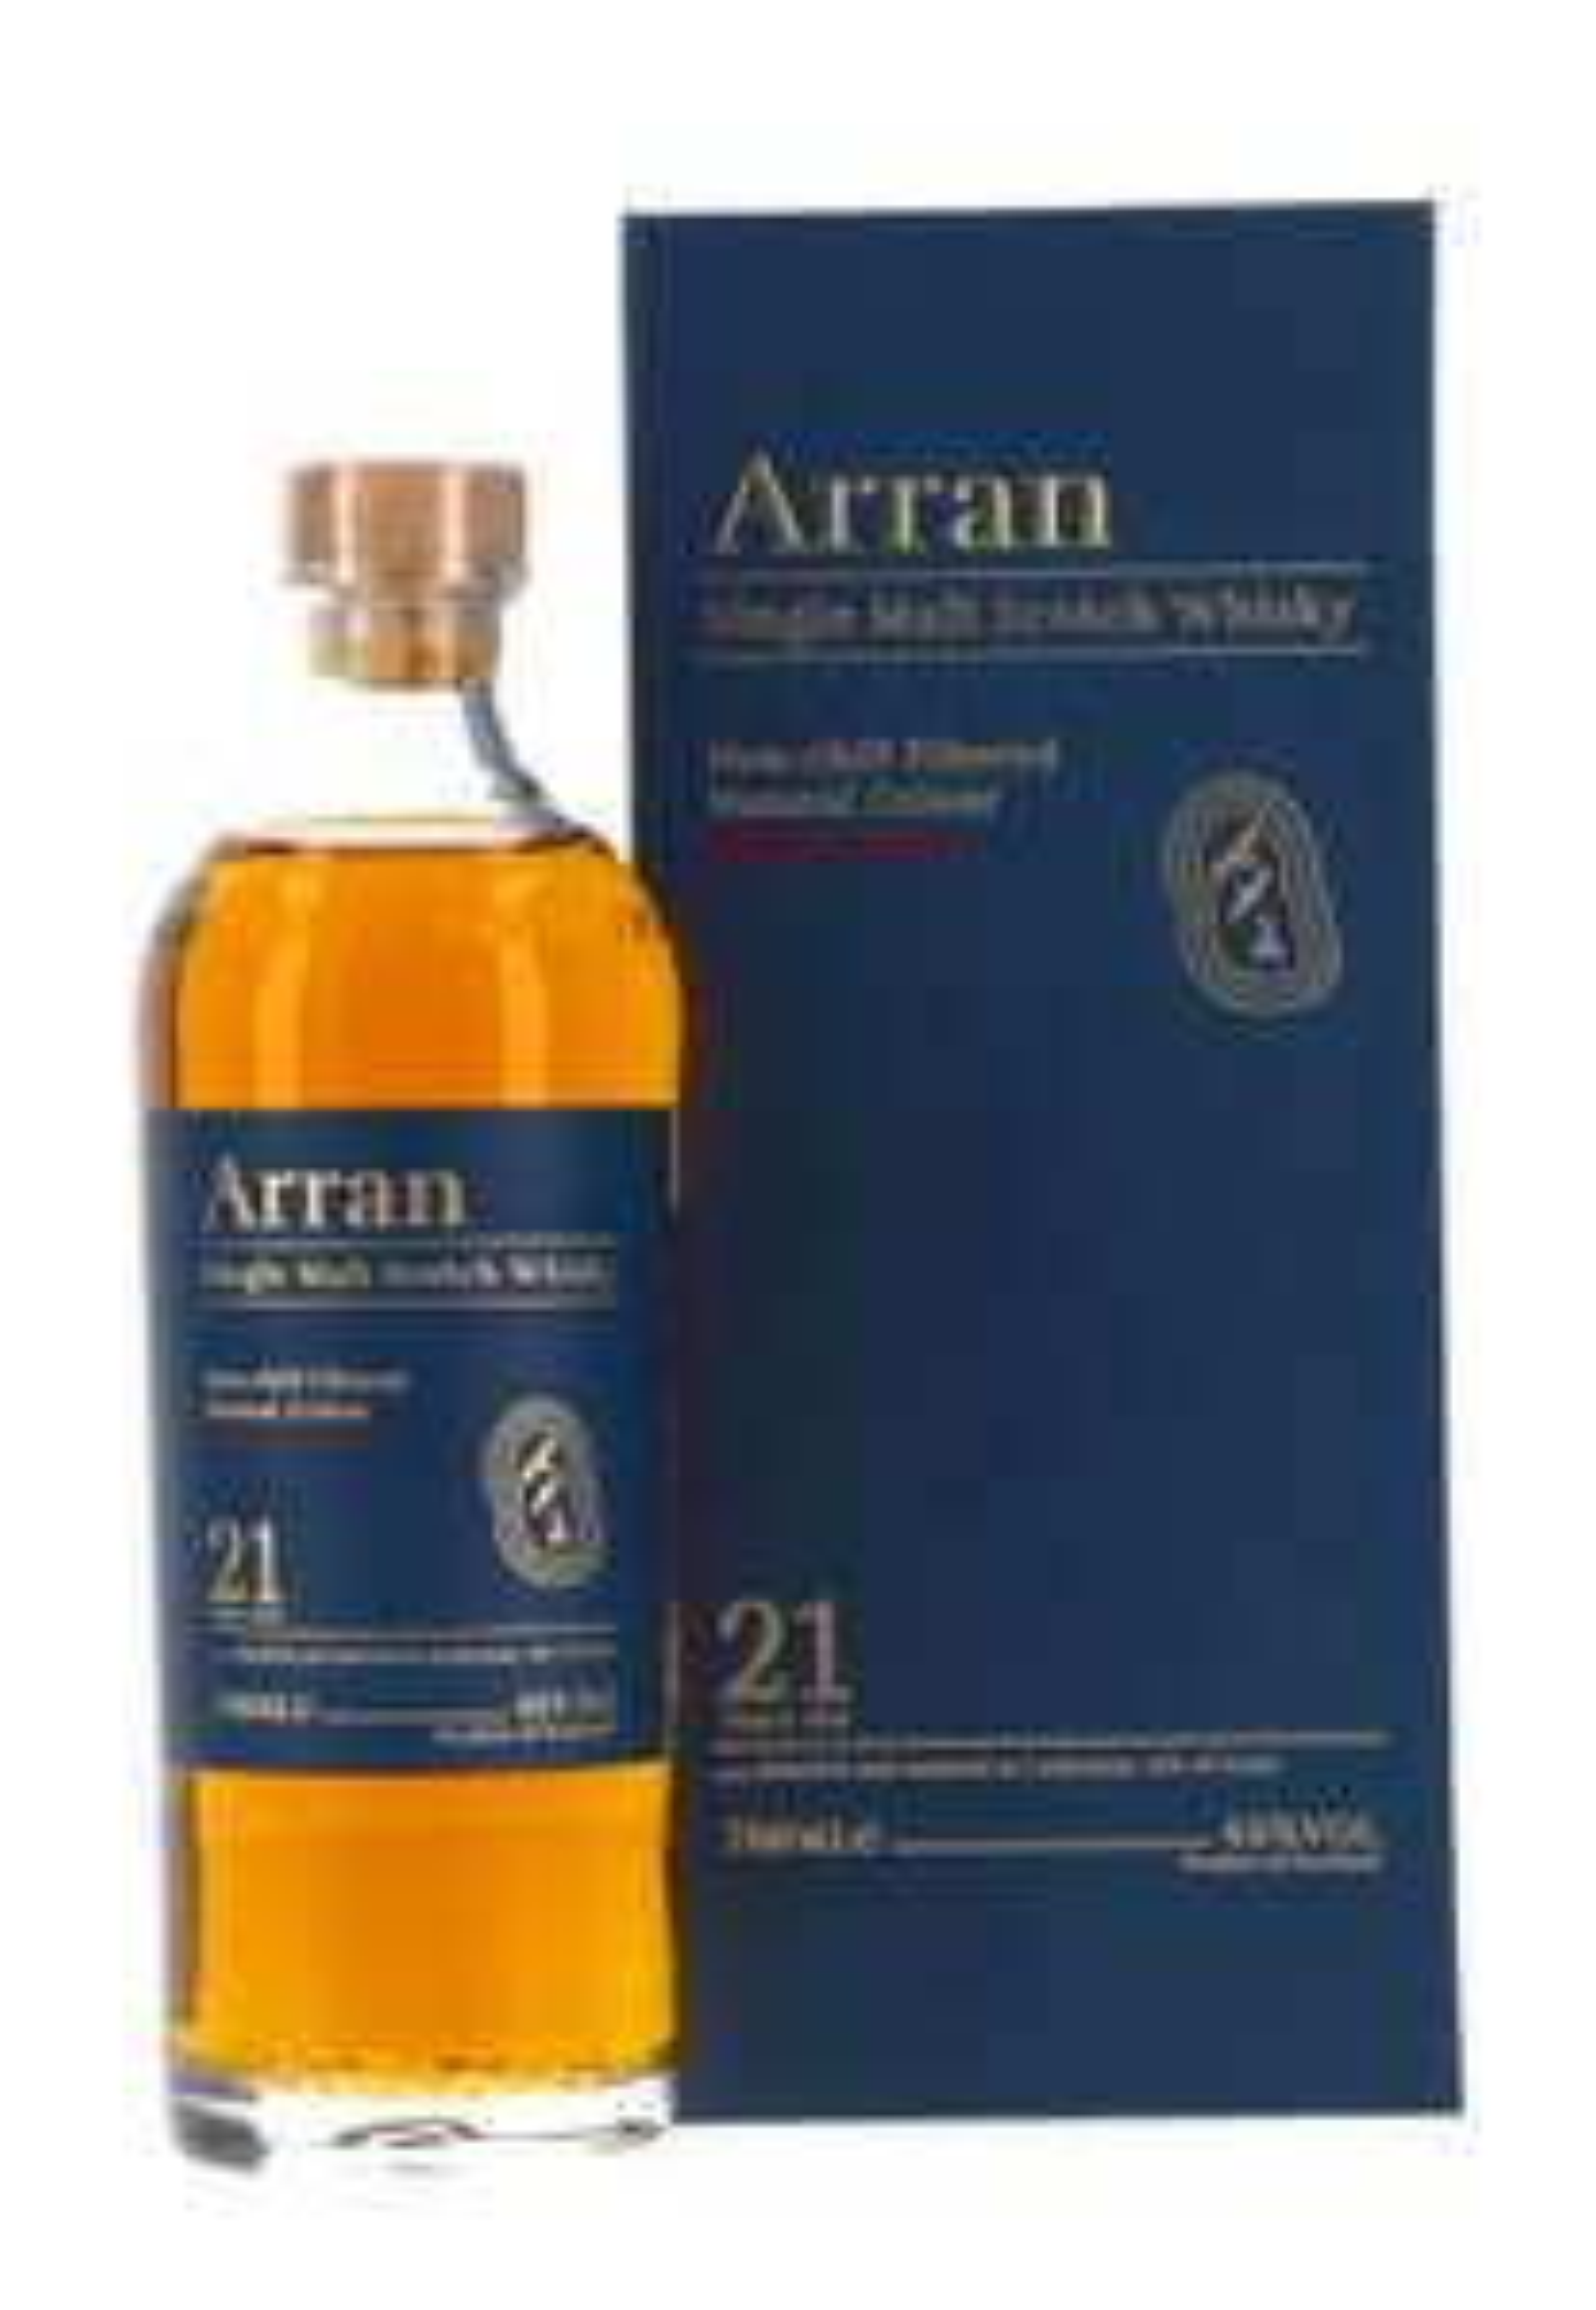 Arran 21, John Walker & Sons, Glendronach 2008, Benriach 25 Authenticus, Glenallachie, Bunnahabhain 1988, Bruichladdich 1991 Whisky